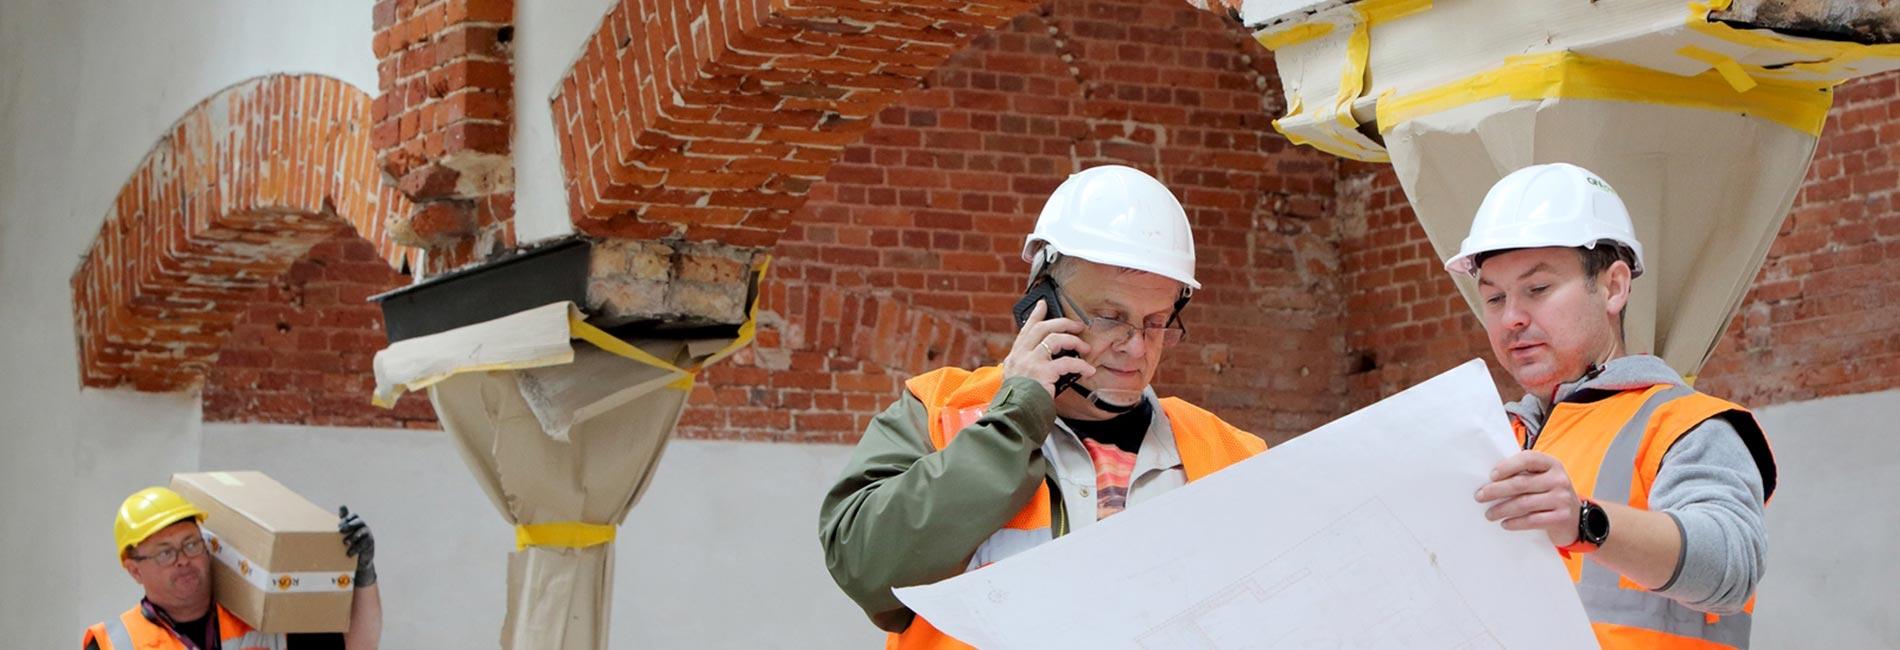 Praca w firmie budowlanej